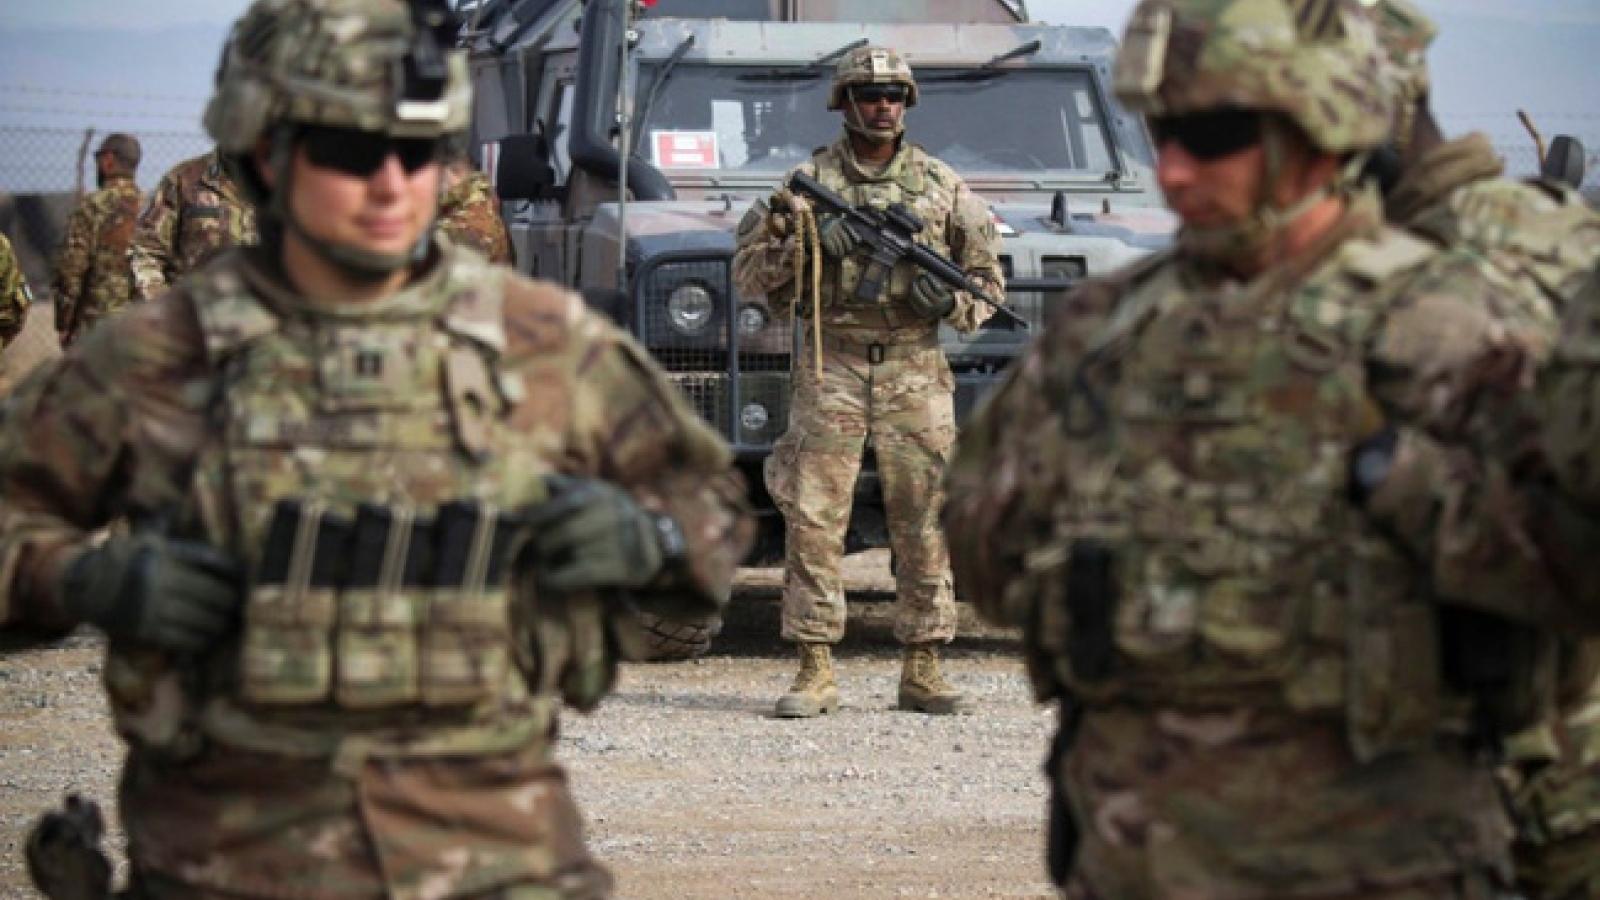 Rút quân khỏi Afghanistan, chính quyền Biden đối mặt với nhiều rủi ro tiềm ẩn